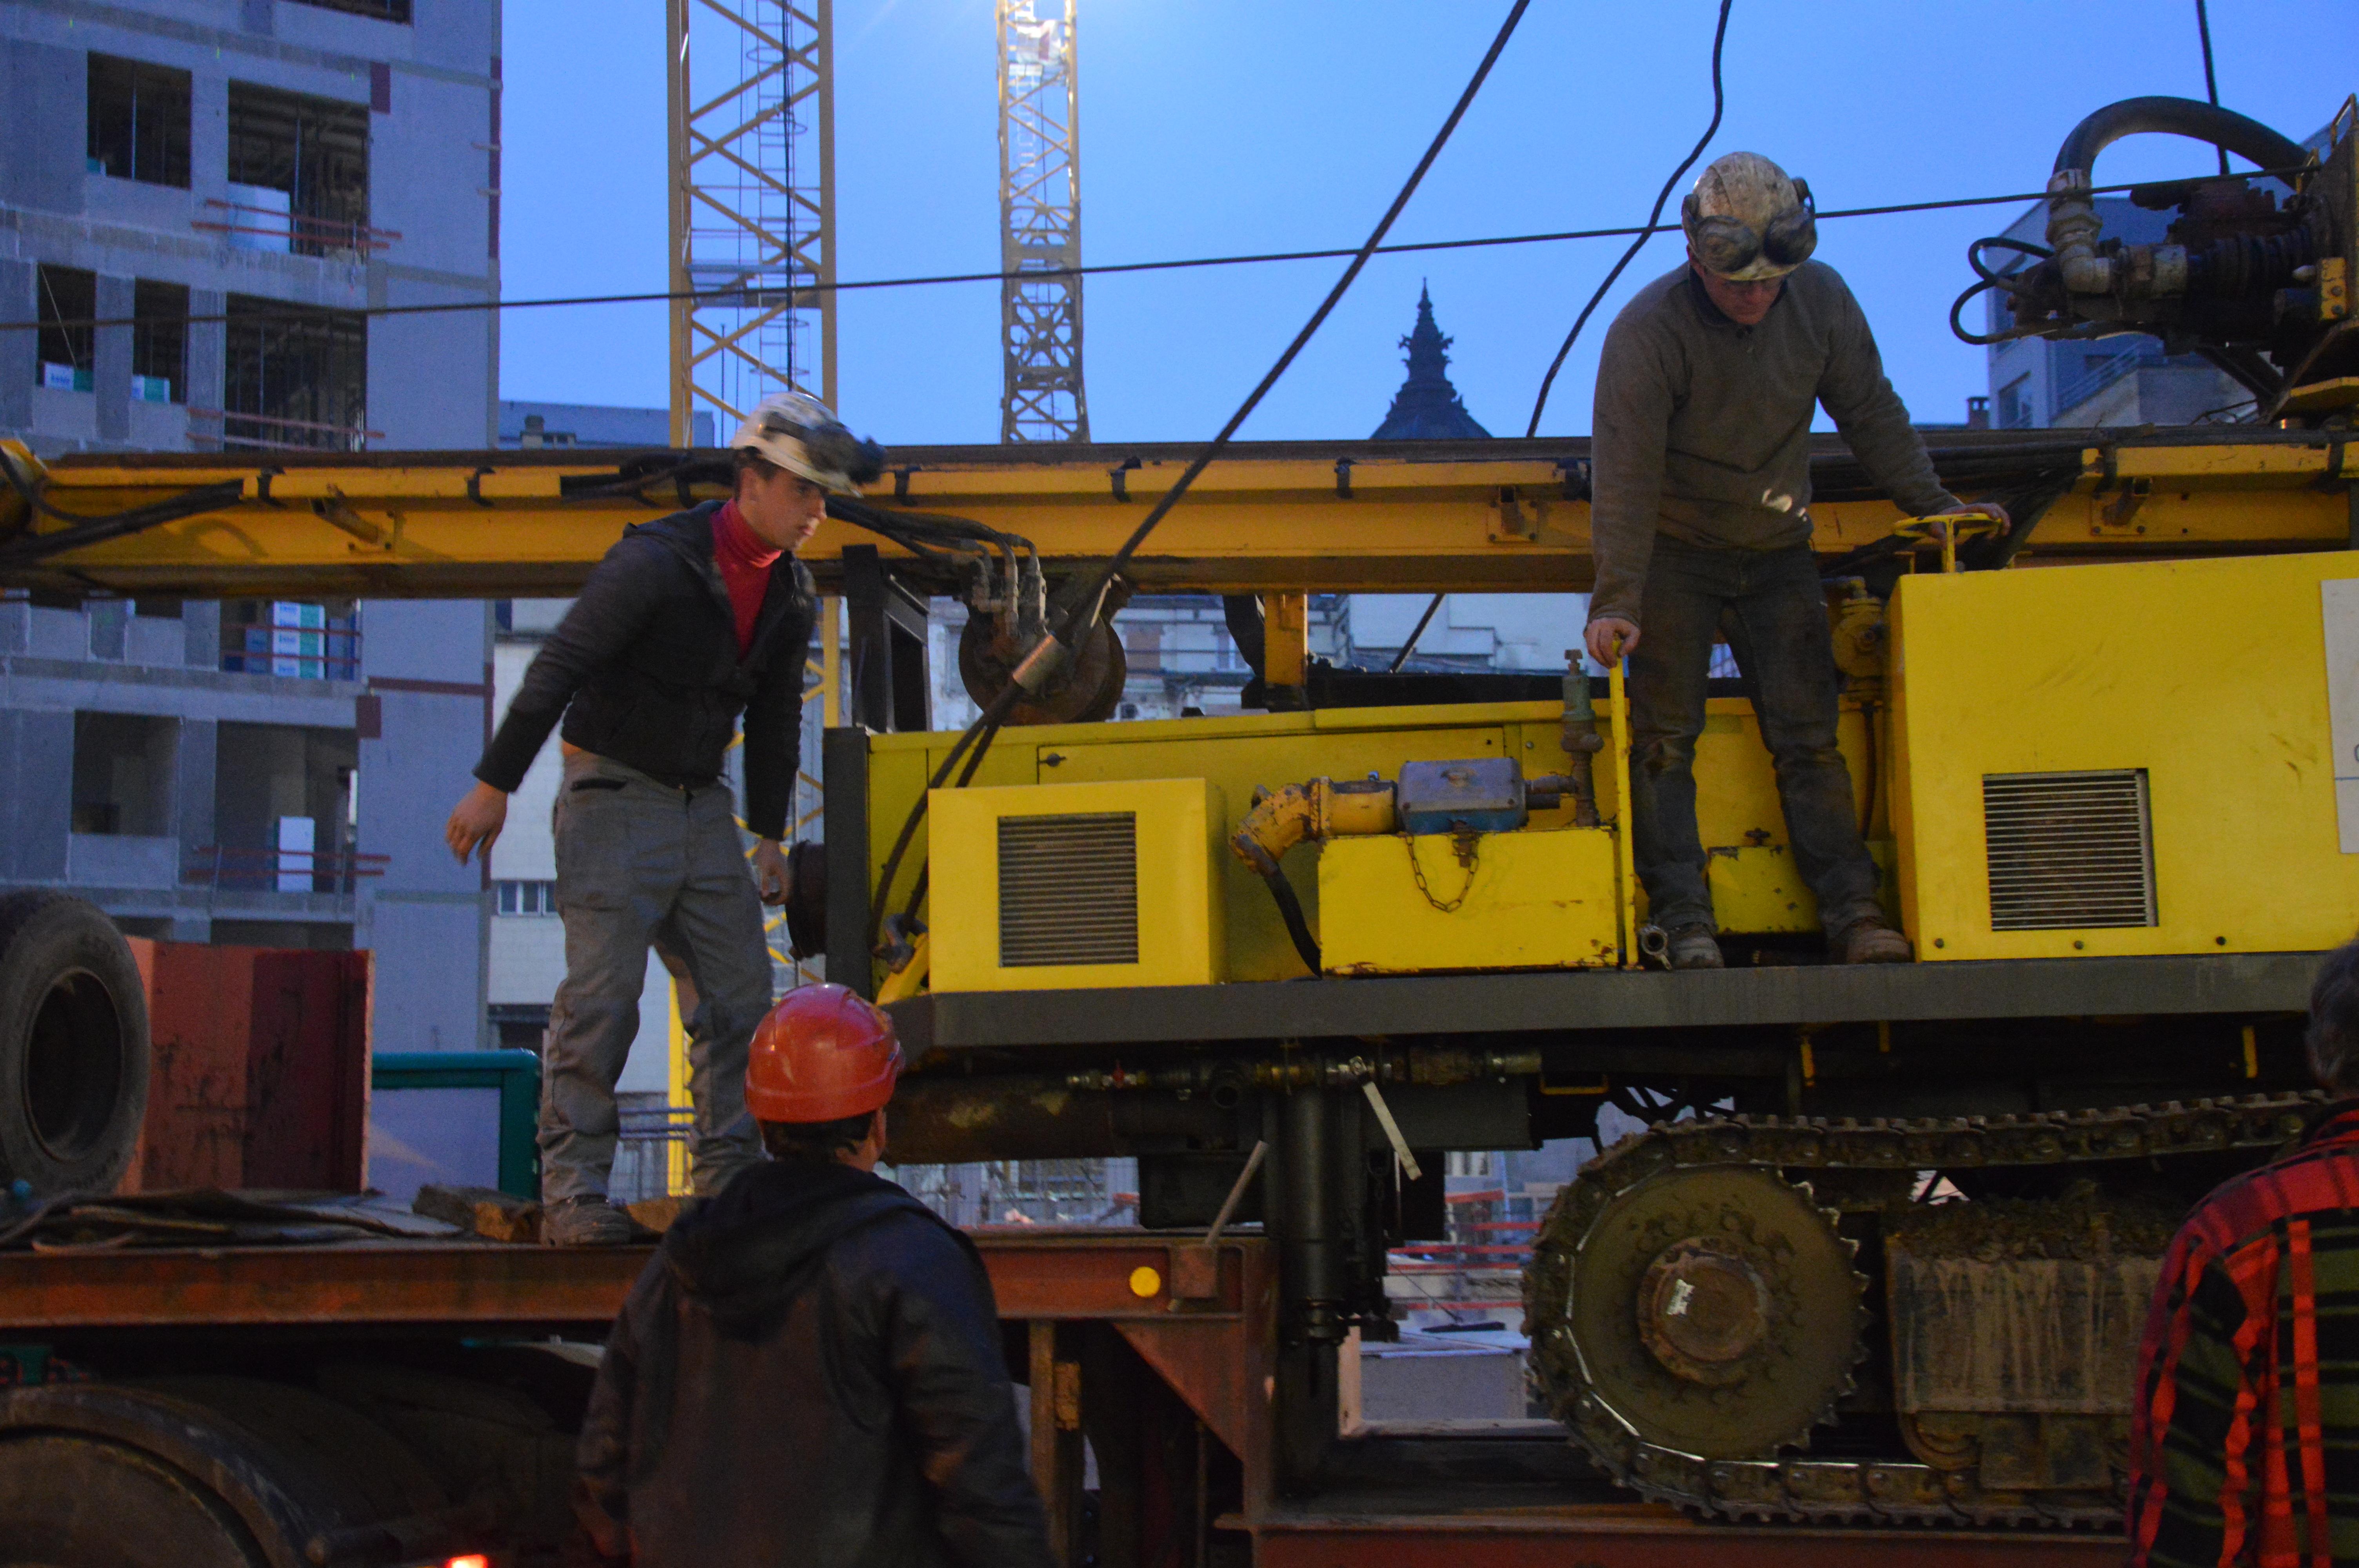 chantier-bruxelles-centre-forage-installation-pompe-puits-geothermie-eurodrill-liege-belgique-24